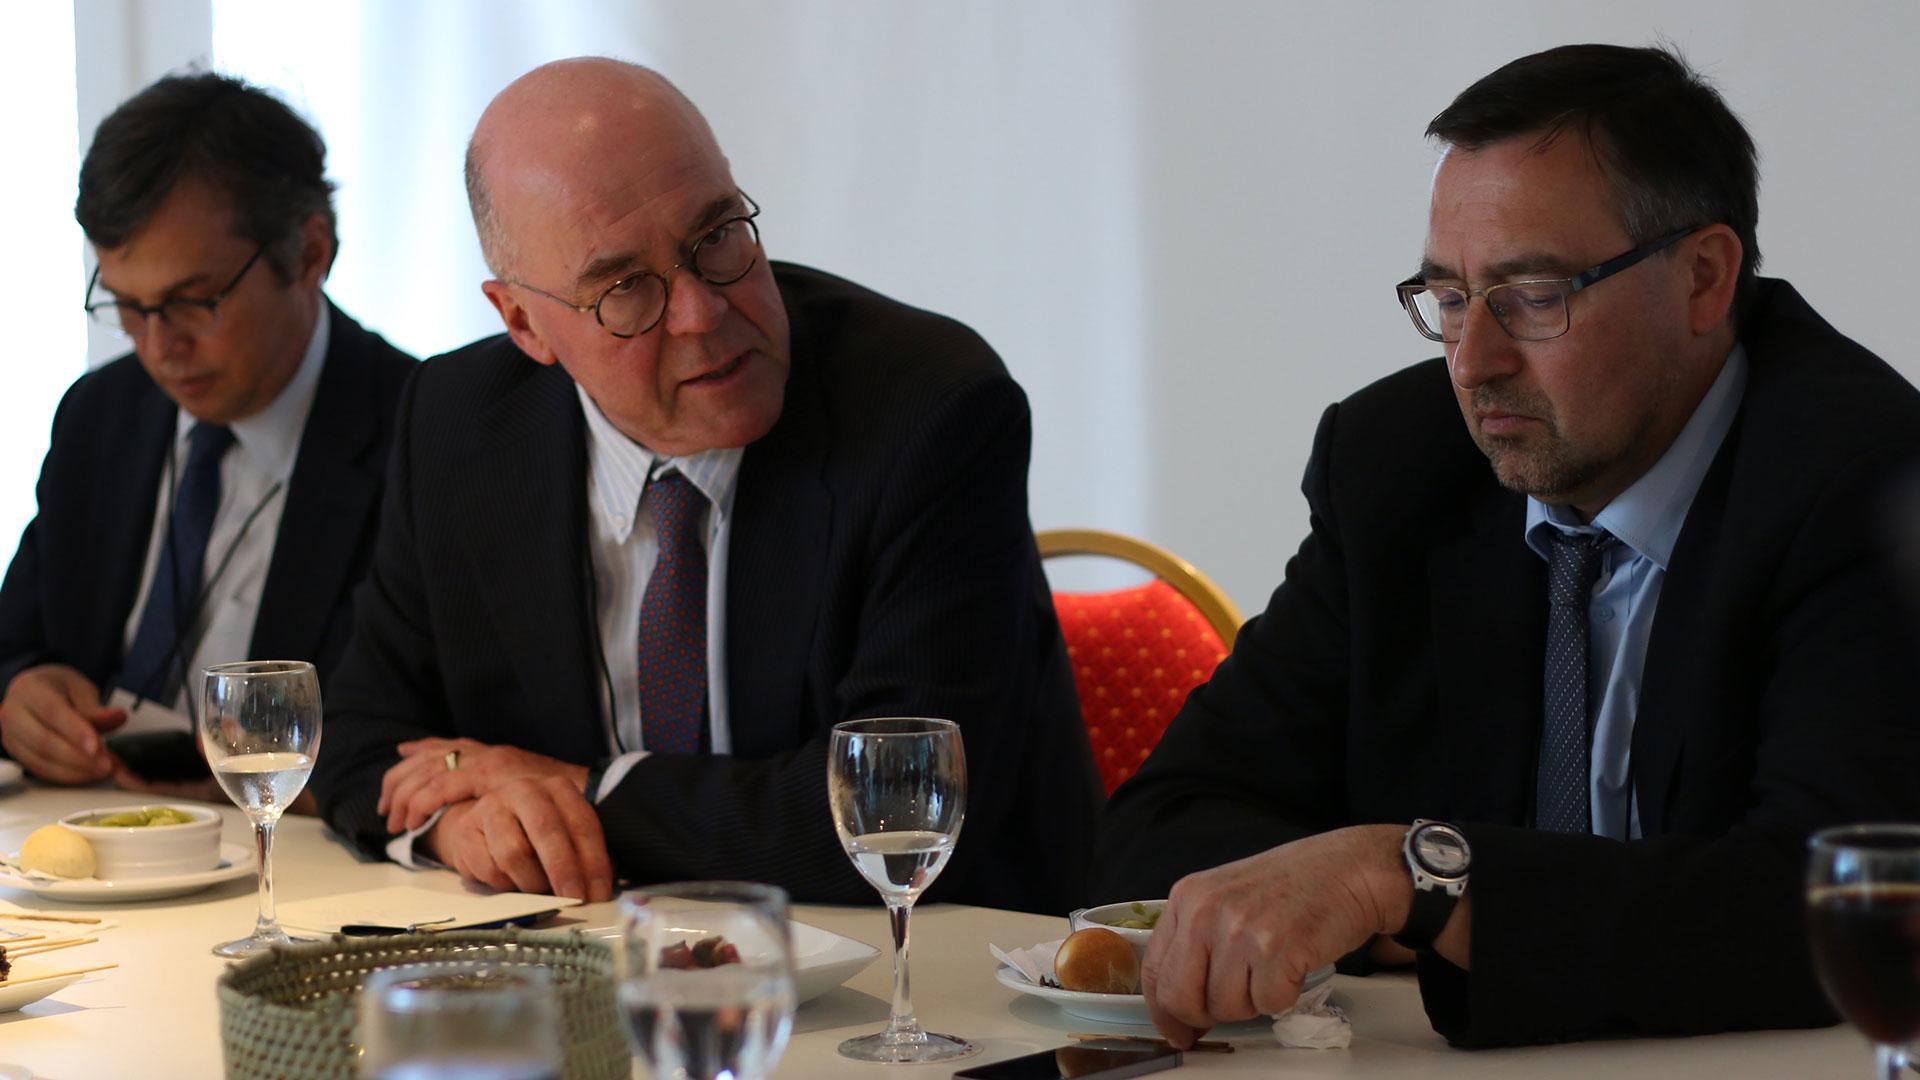 Louis Marc Ducharme (FMI); Pieter Everaers (Eurostat); y Bruno Tissot (Banco de Pagos Internacionales), compartieron el encuentro con periodistas en el Centro Cultural Kirchner